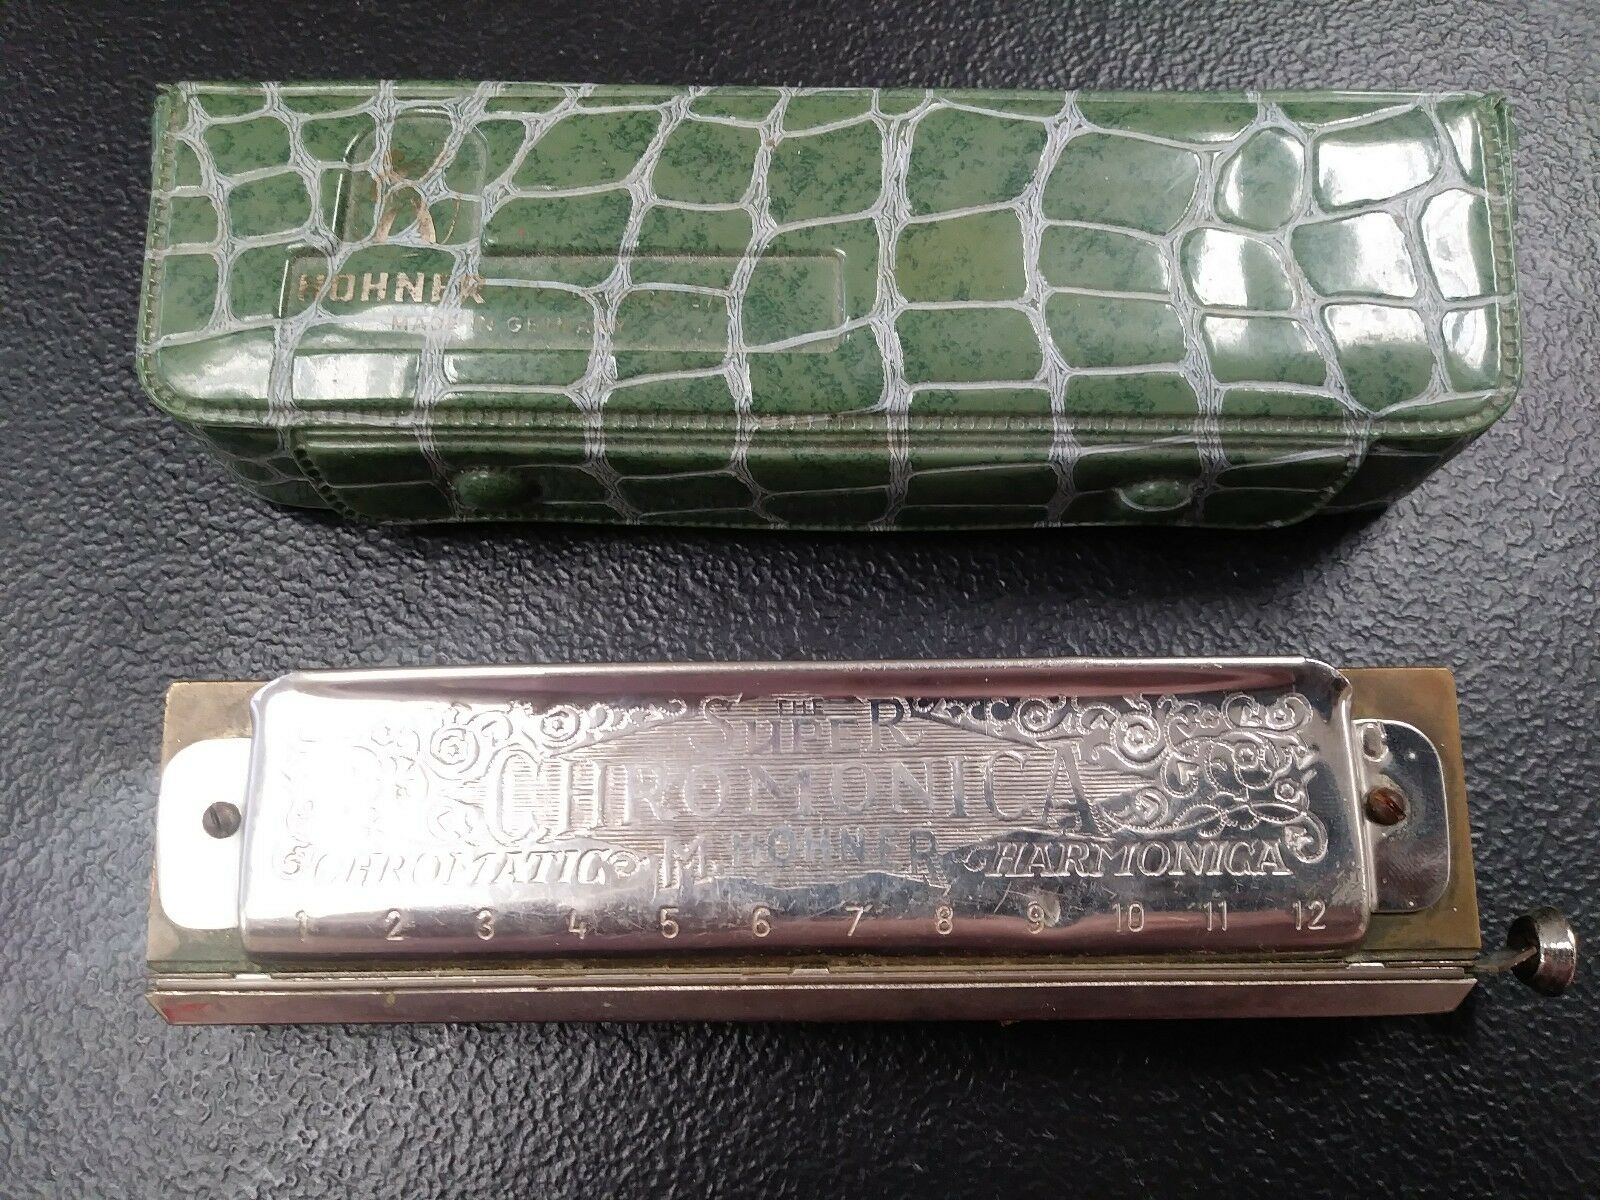 New Free Shipping ! Hohner Chromonica 280 16 hole chromatic harmonica key of C